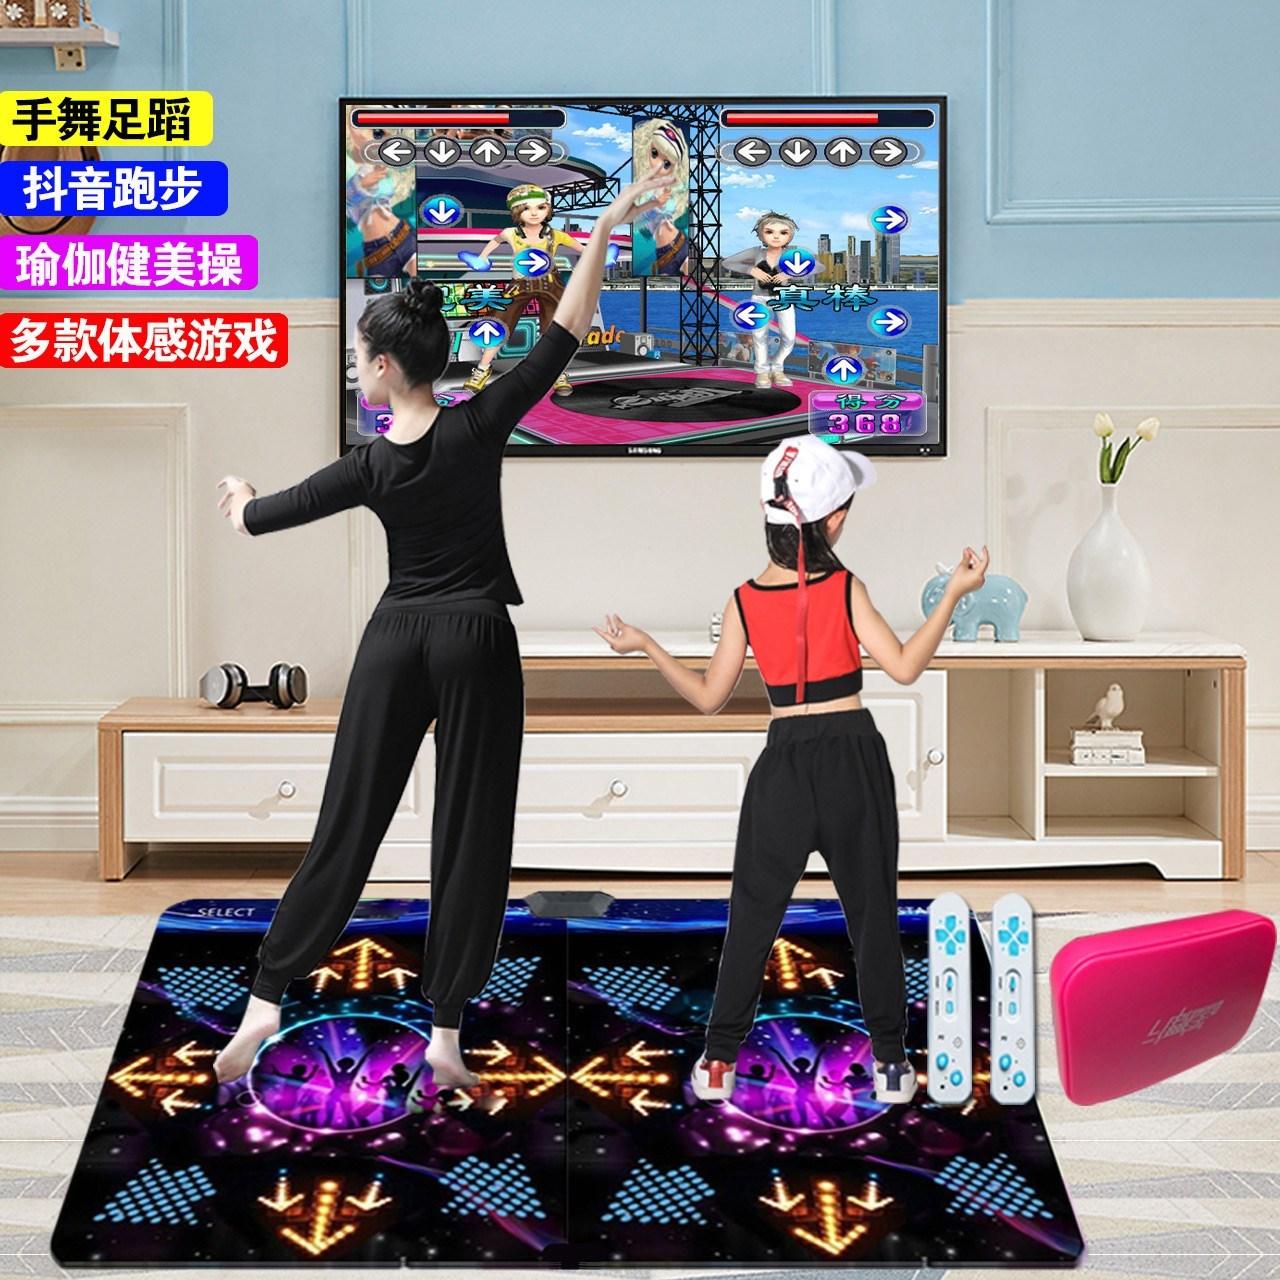 Không dây đôi nhảy mat TV và máy tính sử dụng kép máy ảnh yoga somatosensory sử dụng máy nhảy Android - Dance pad